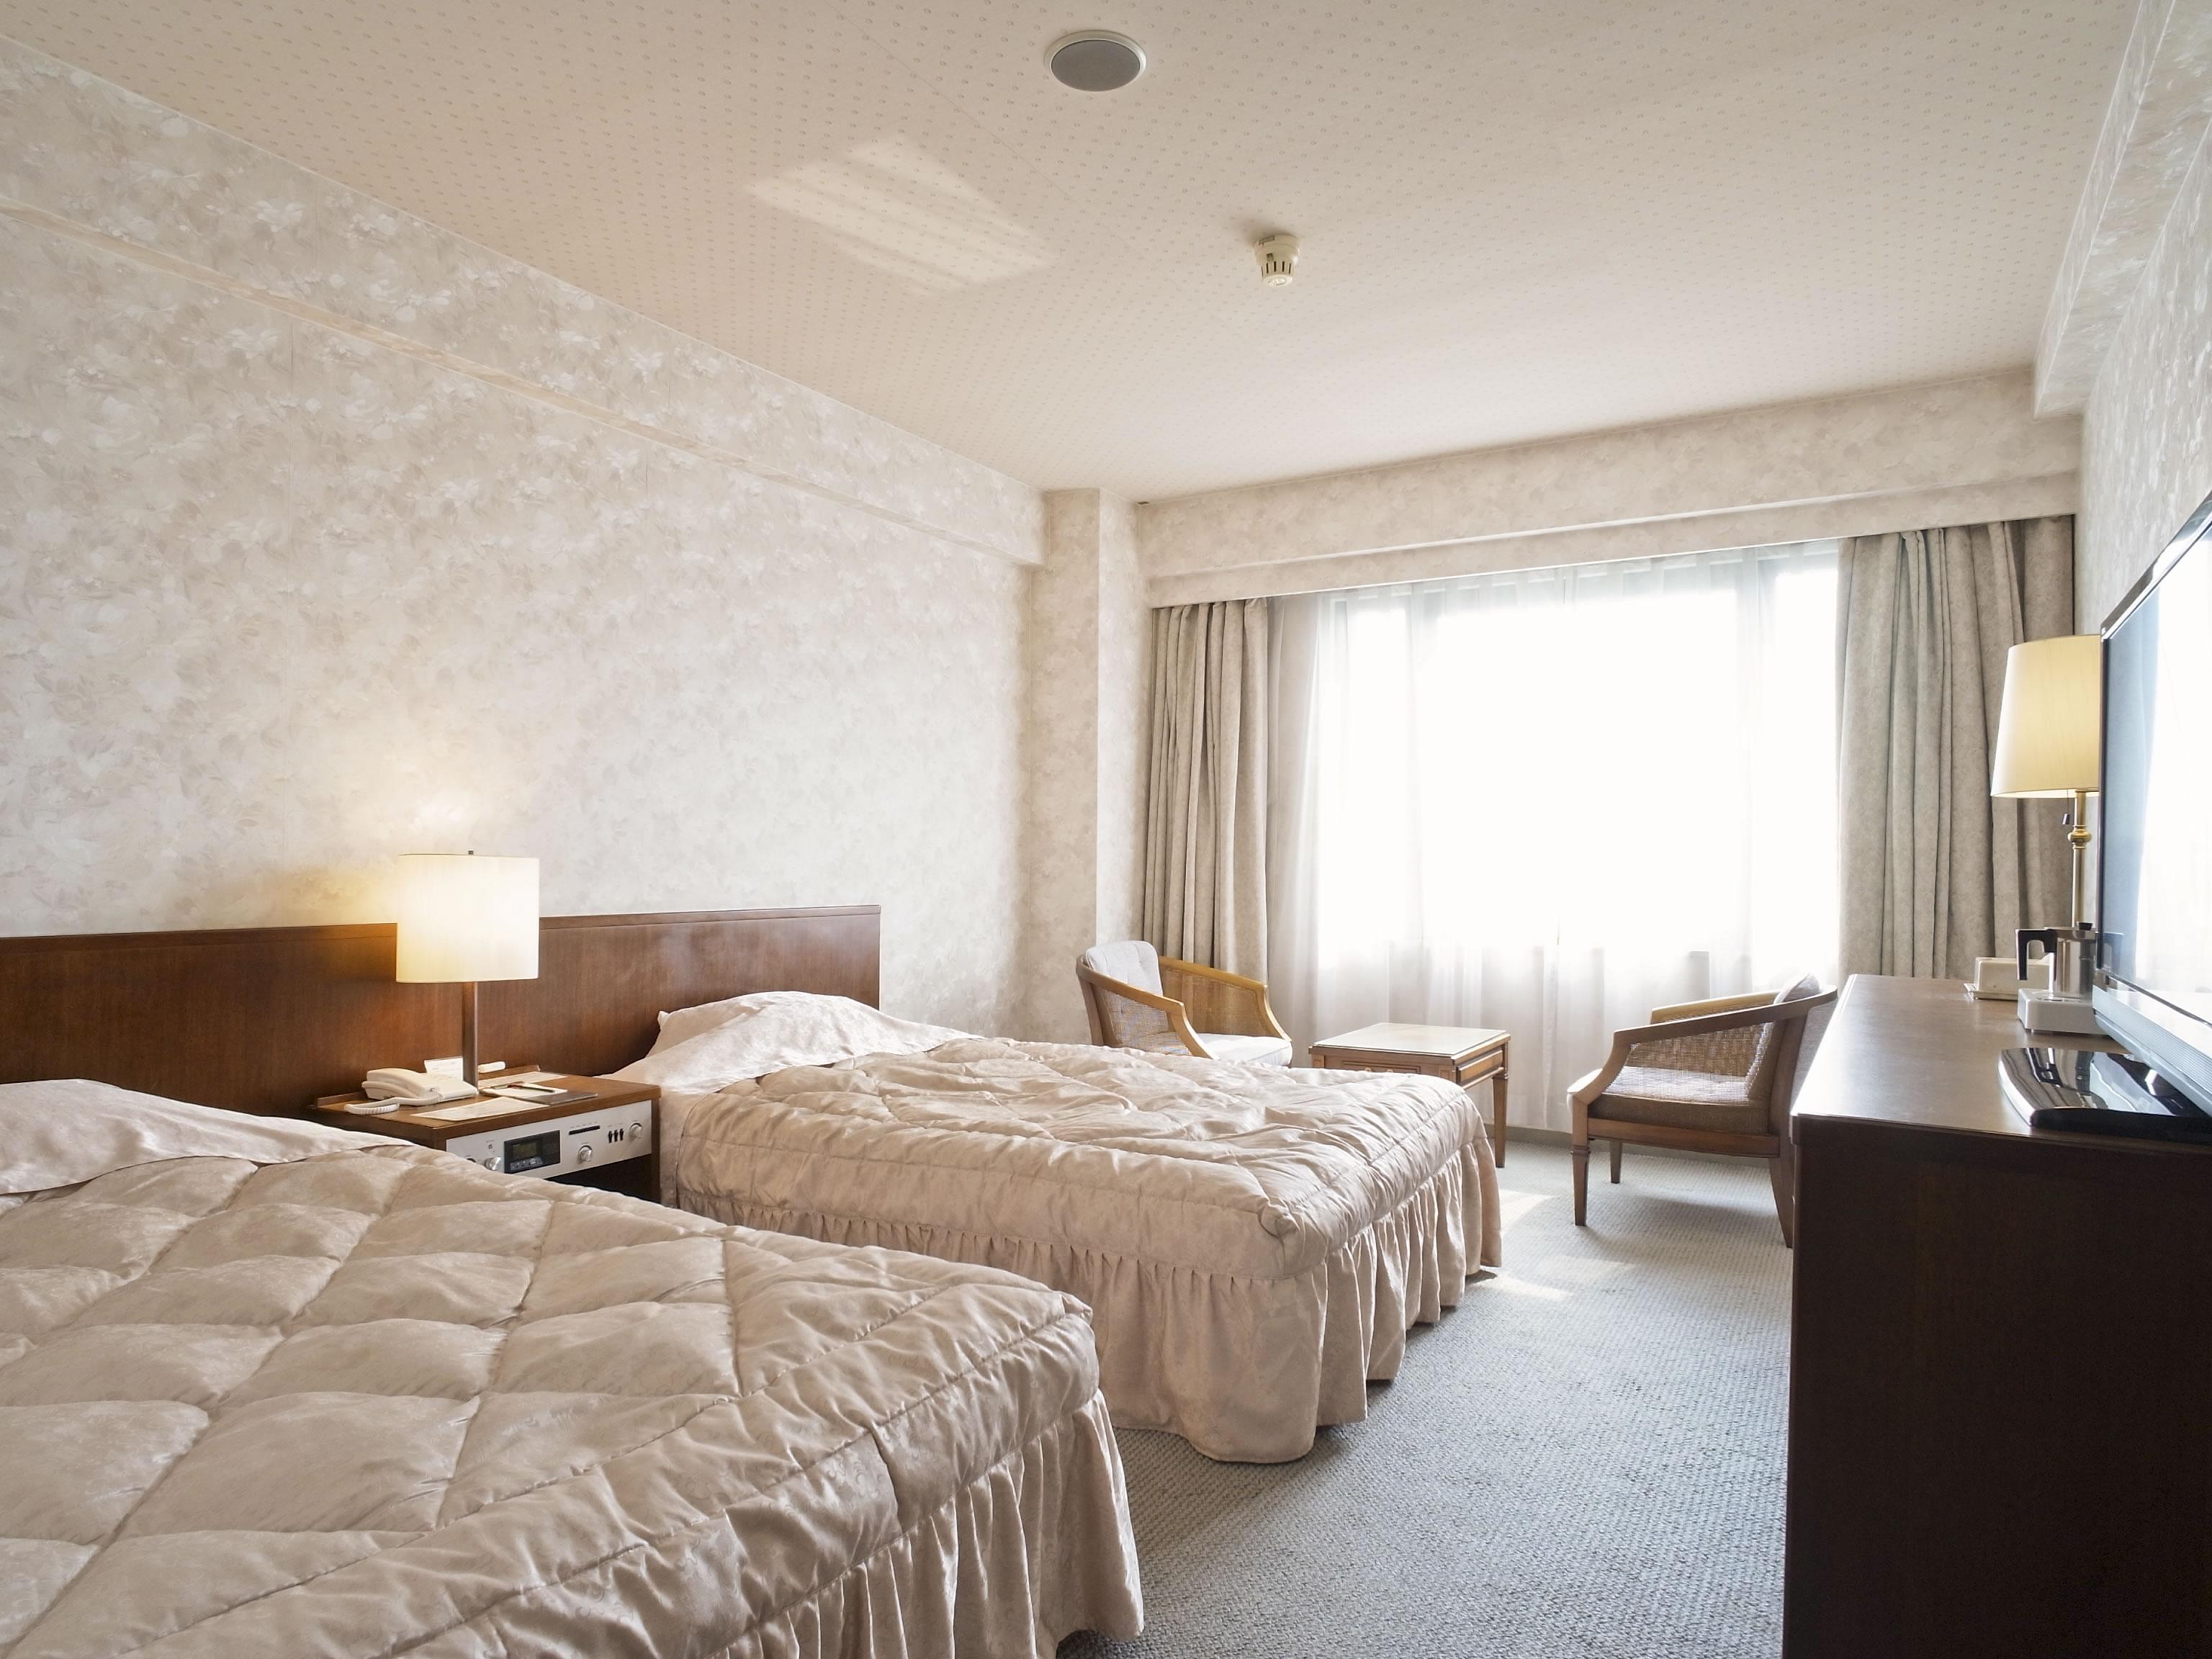 2. Plaza Hotel Shimonoseki